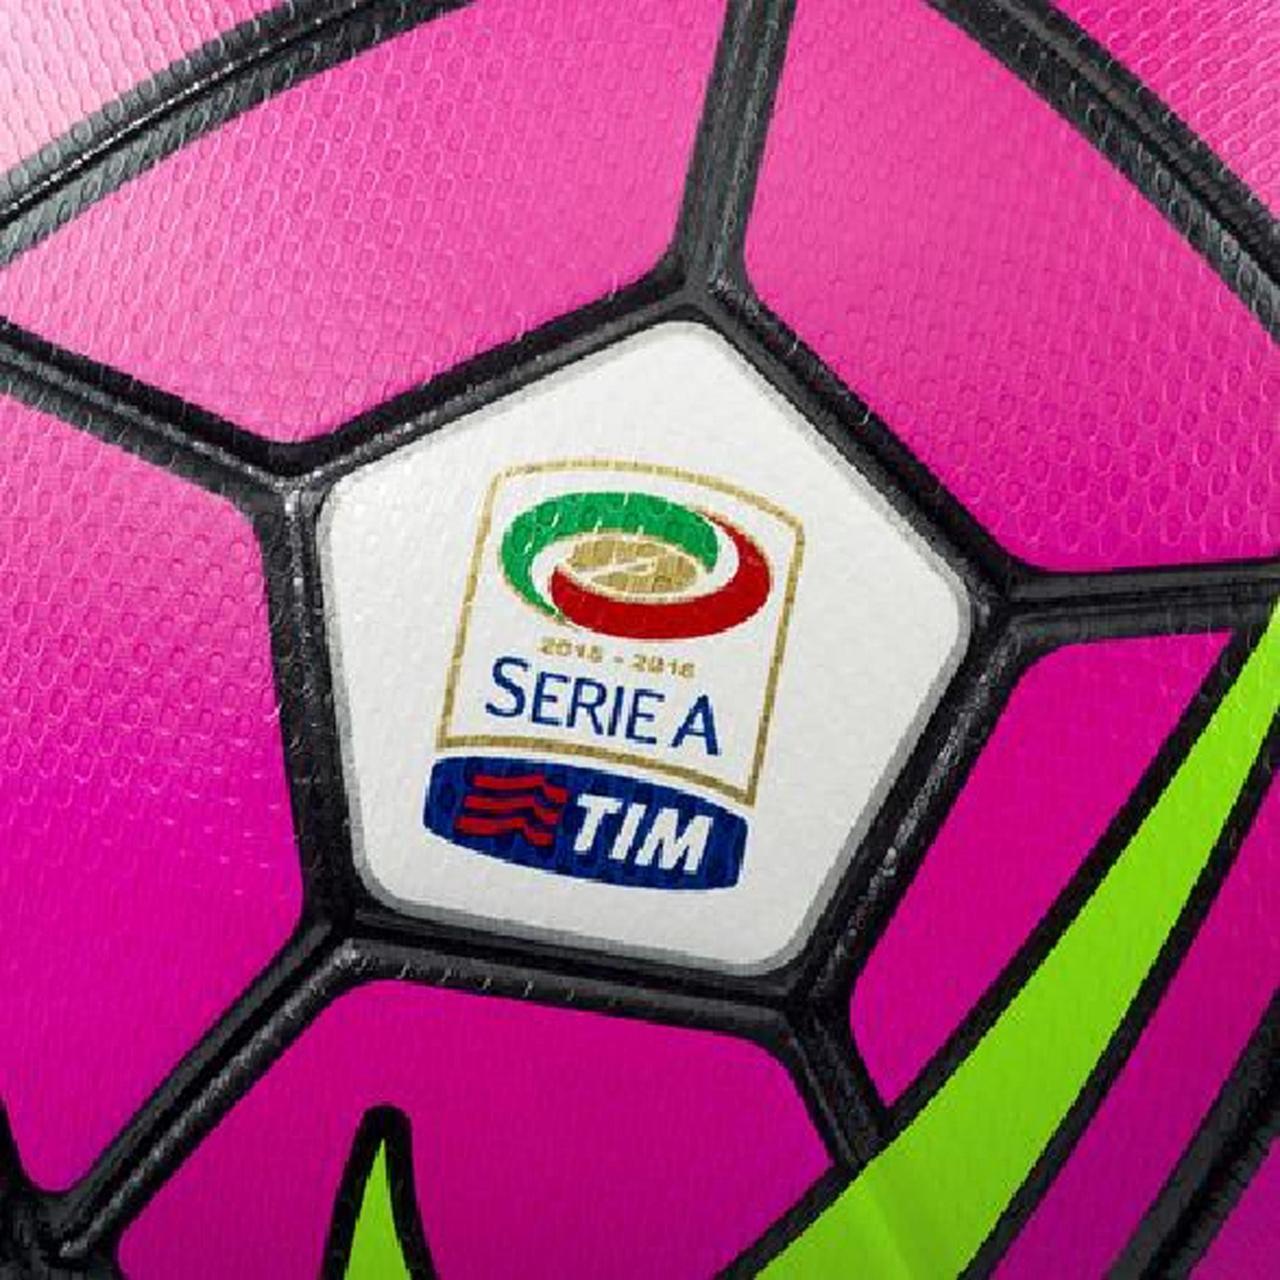 attacchi Serie A Tim